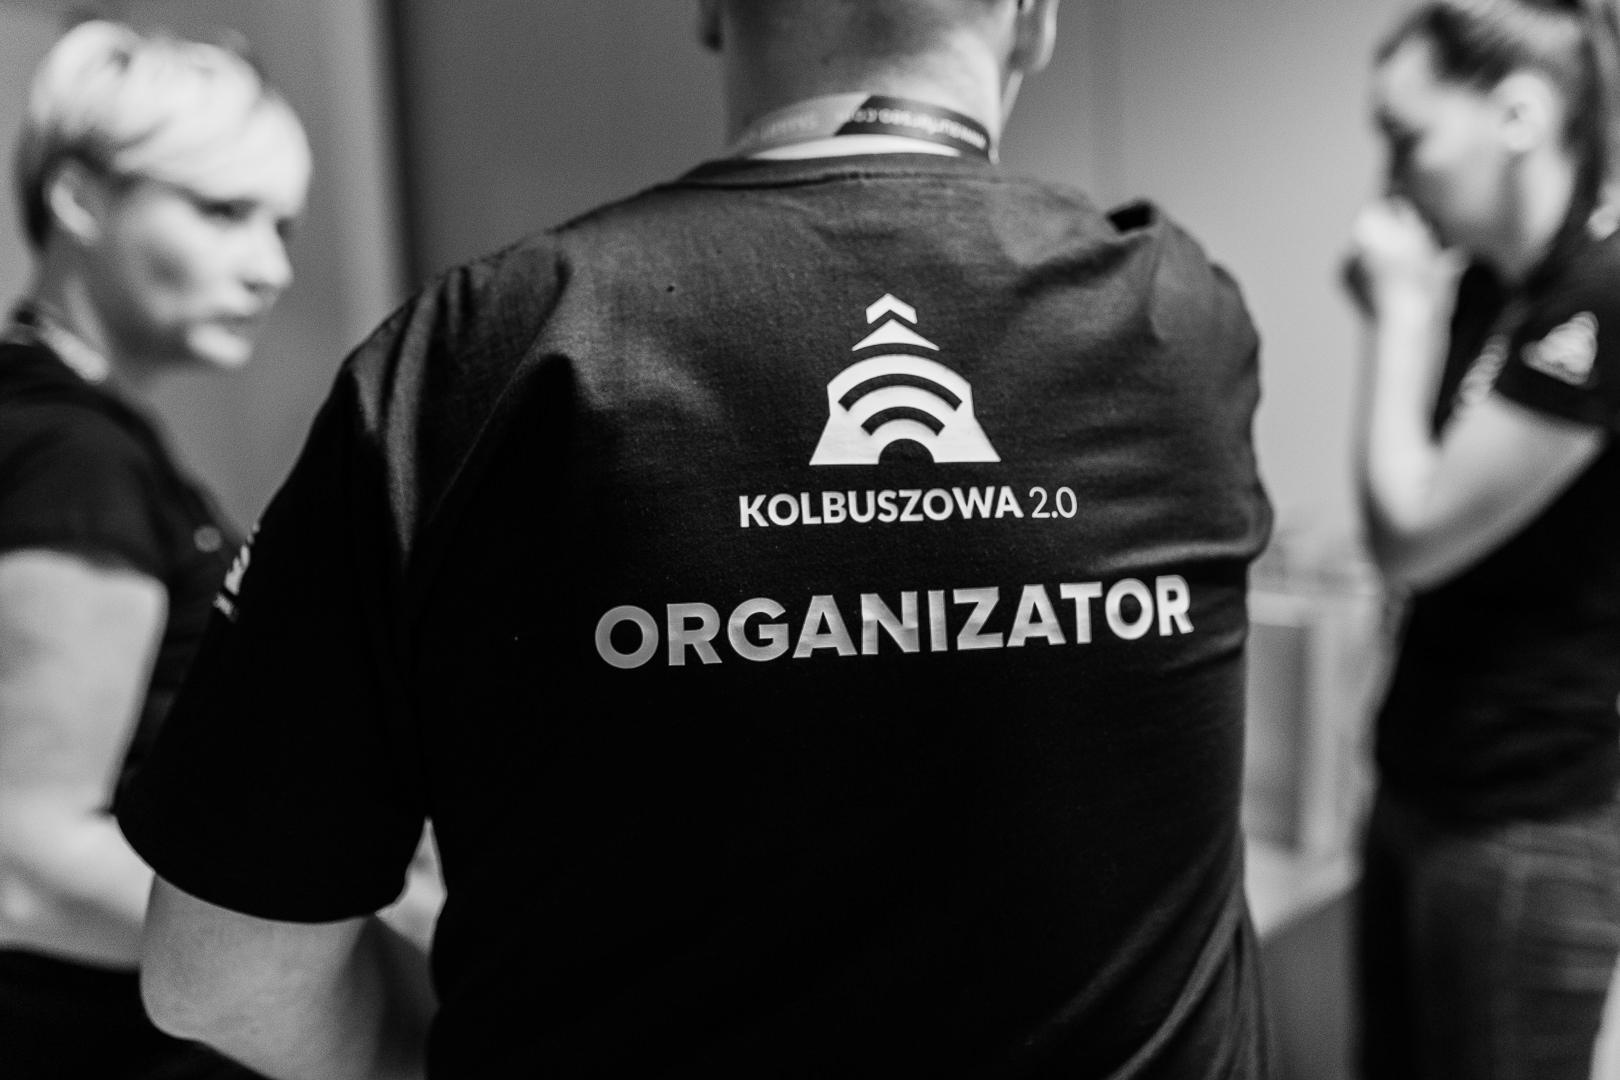 Wiemy już kto wystąpi na 5. edycji Kolbuszowa 2.0 - konferencji o marketingu internetowym! |WIDEO| - Zdjęcie główne